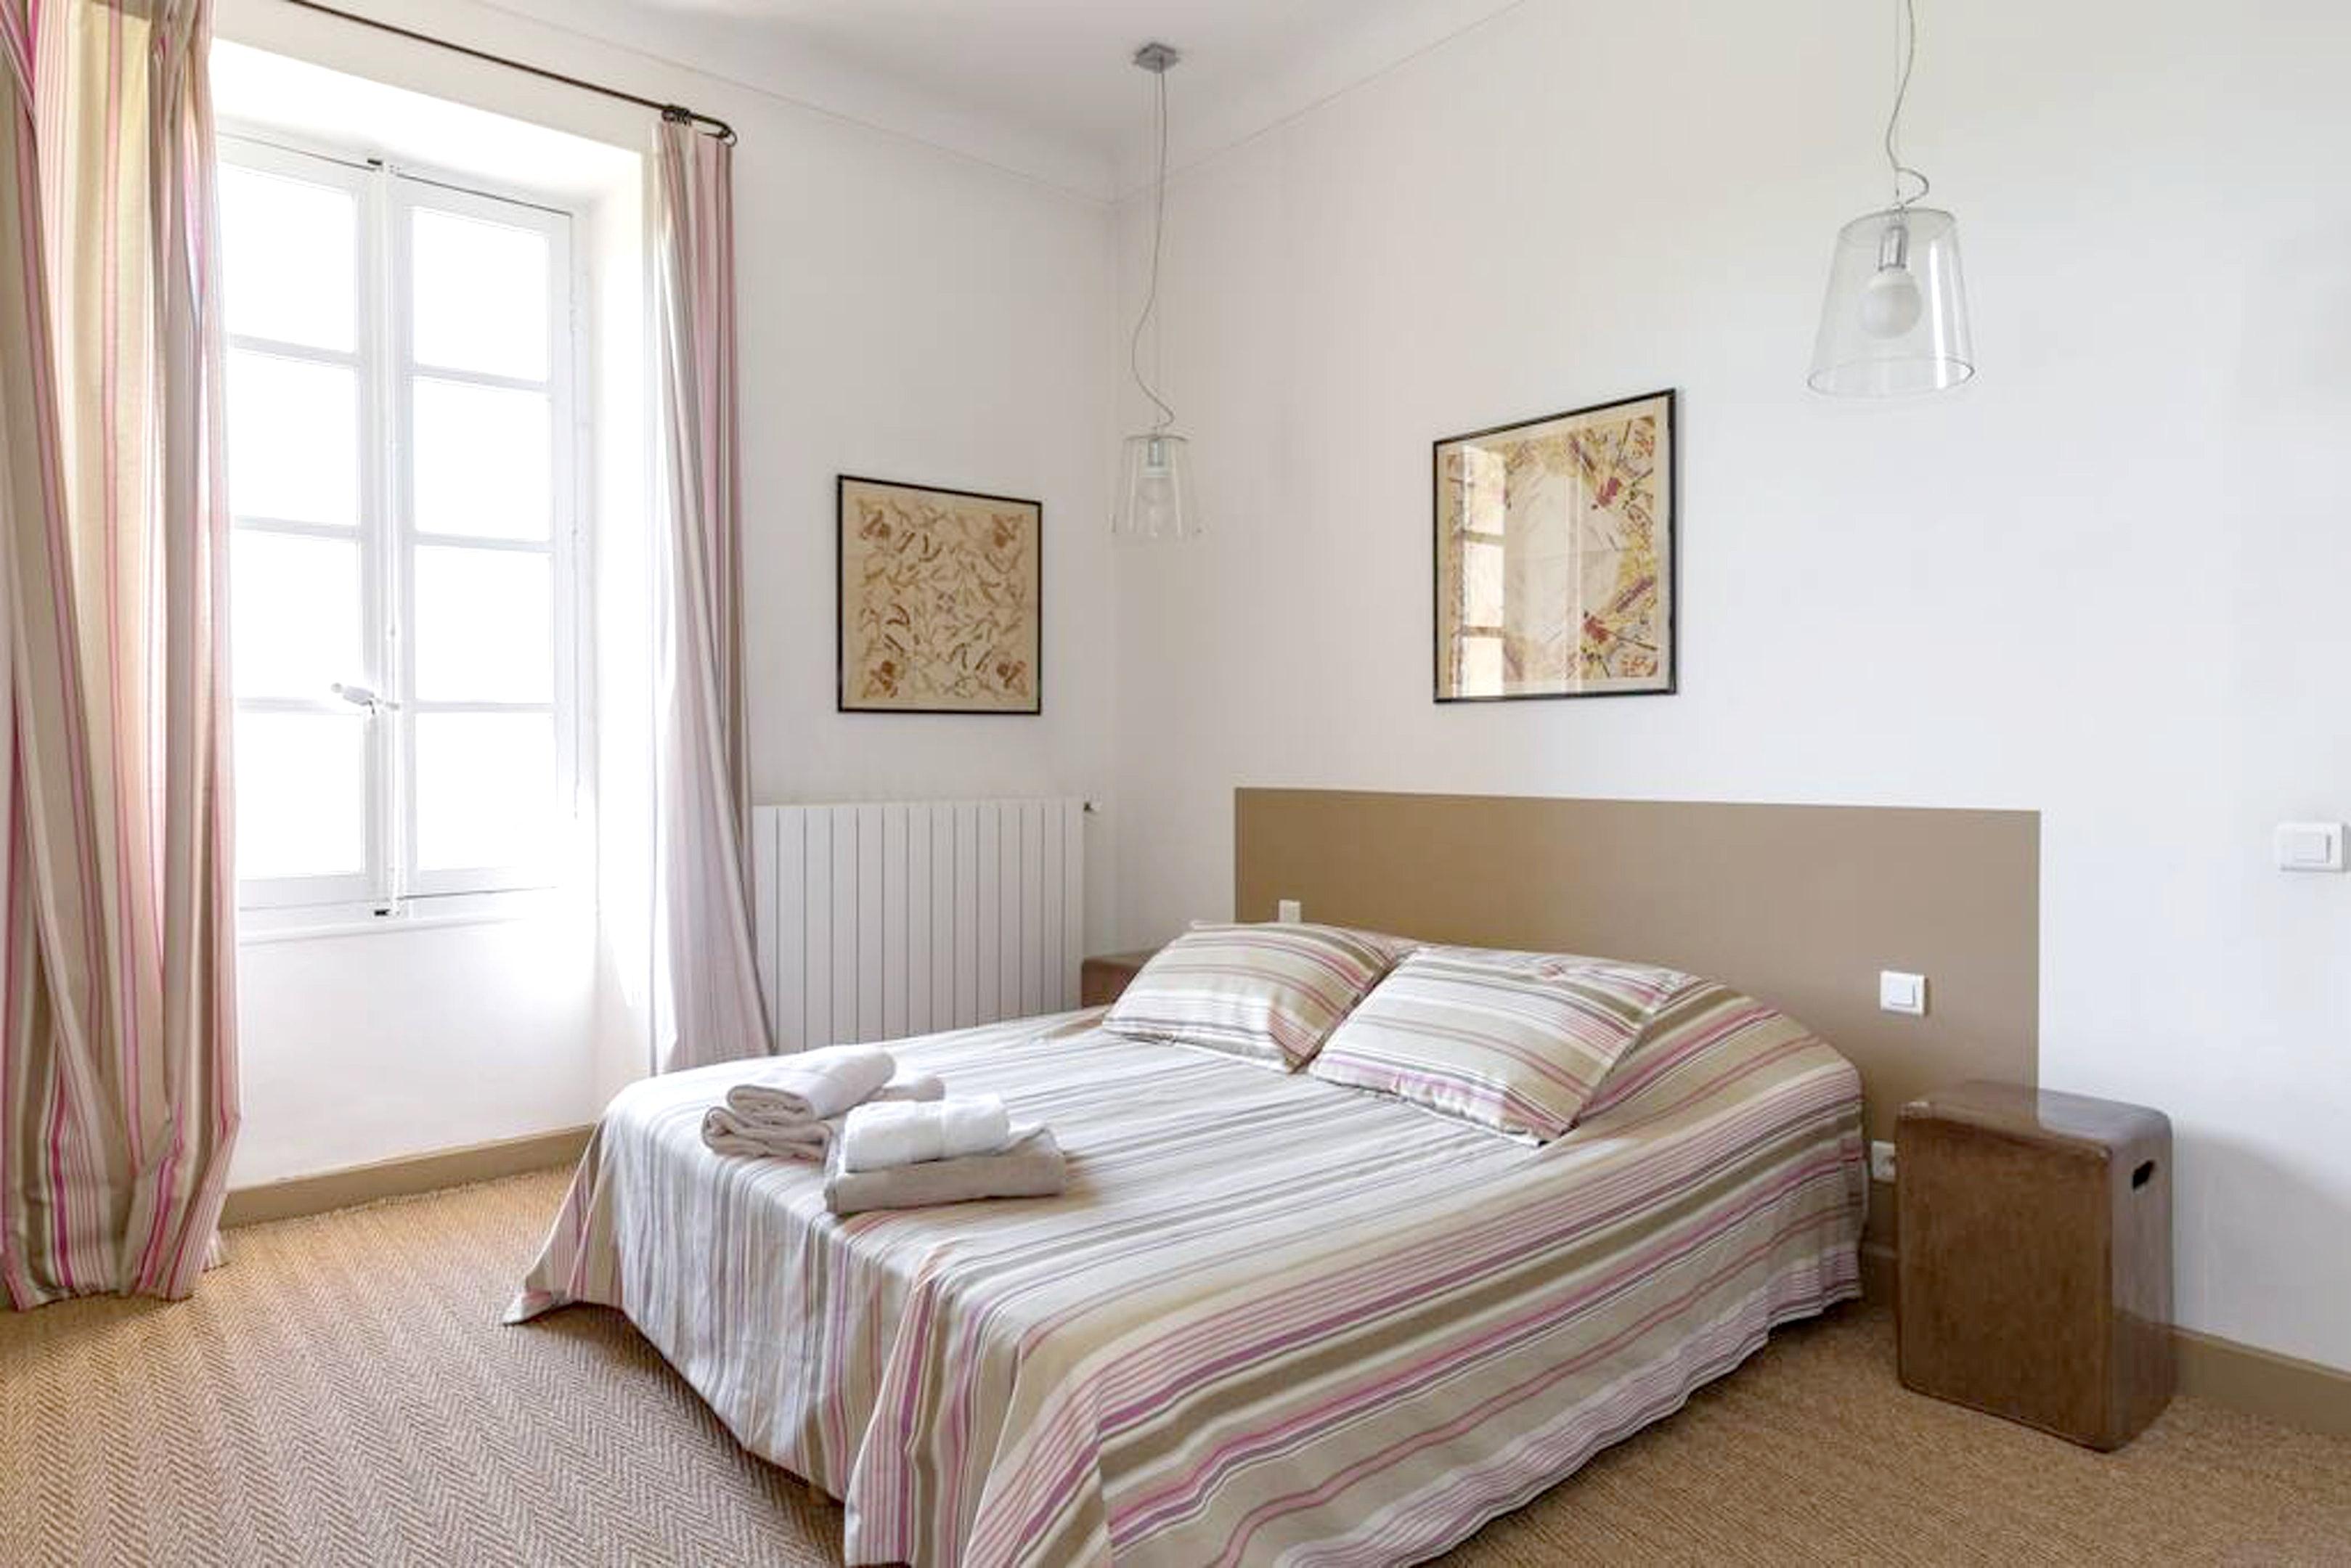 Maison de vacances Villa mit 6 Schlafzimmern in L'Isle-sur-la-Sorgue mit privatem Pool, möbliertem Garten und (2647203), L'Isle sur la Sorgue, Vaucluse, Provence - Alpes - Côte d'Azur, France, image 14